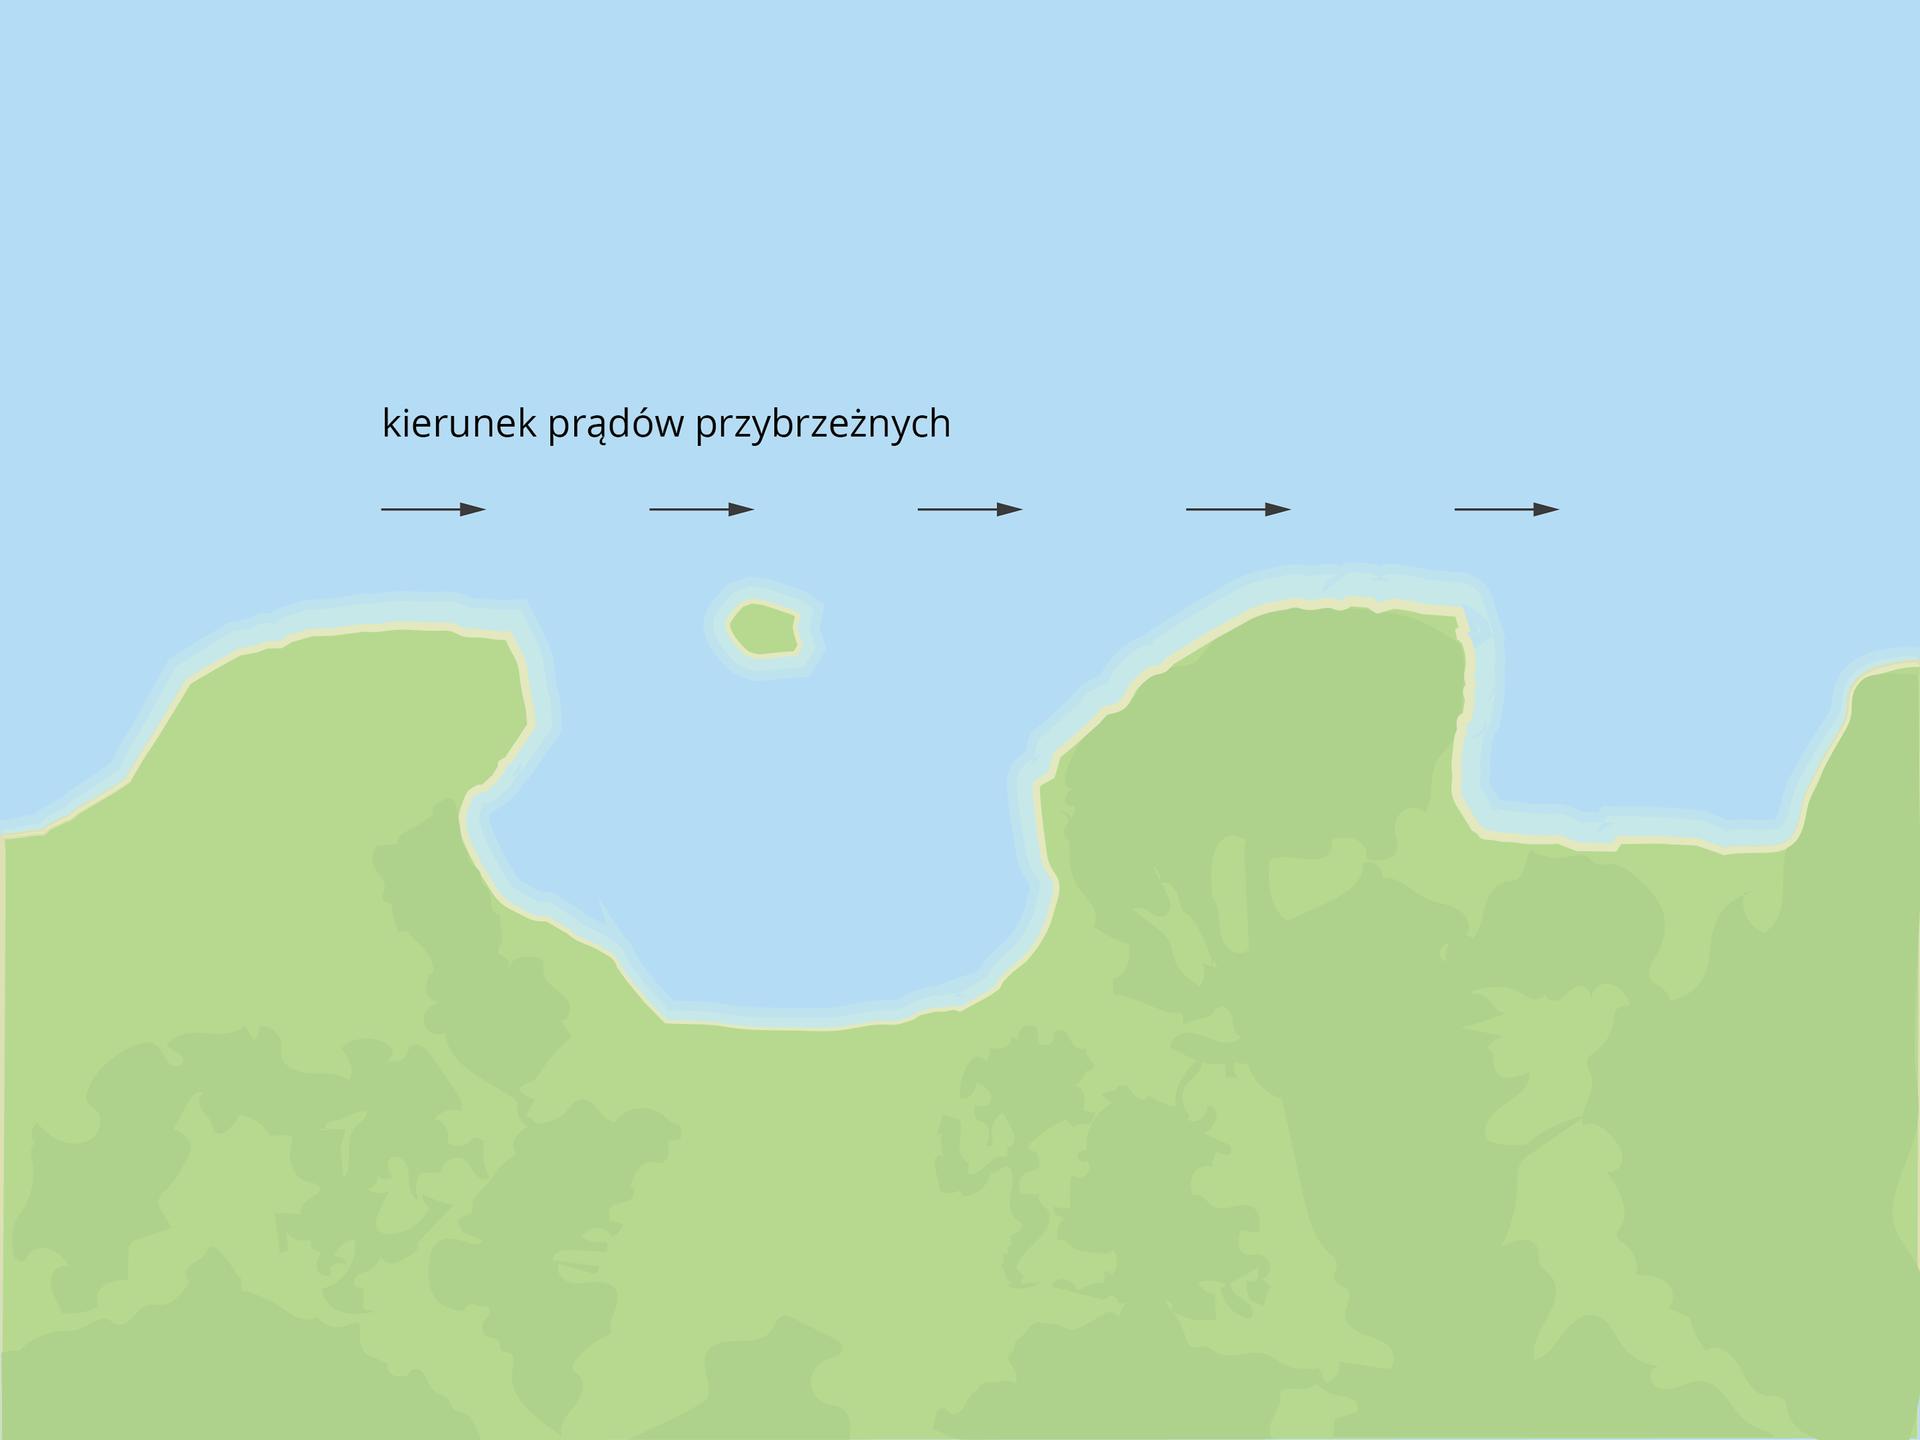 Galeria prezentuje ilustracje kolejnych etapów tworzenia mierzei. Pierwsza ilustracja ukazuje wybrzeże nad którym strzałkami zaznaczono kierunek prądu morskiego nanoszącego piasek.